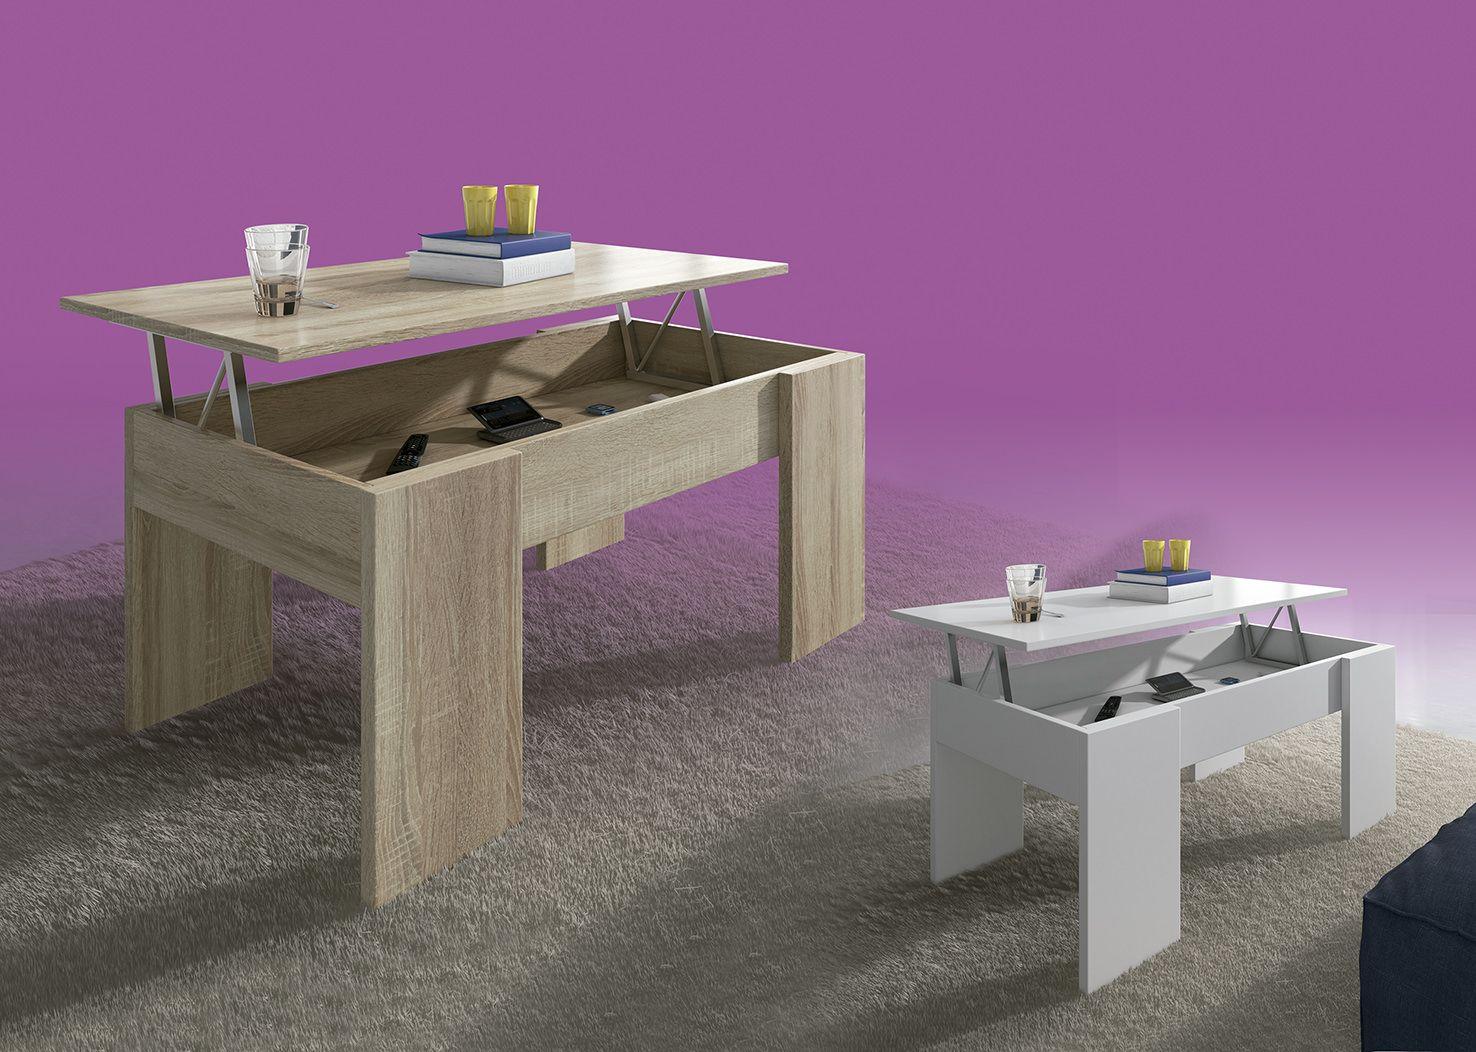 Muebles de sal n funcionales crea espai for Muebles funcionales